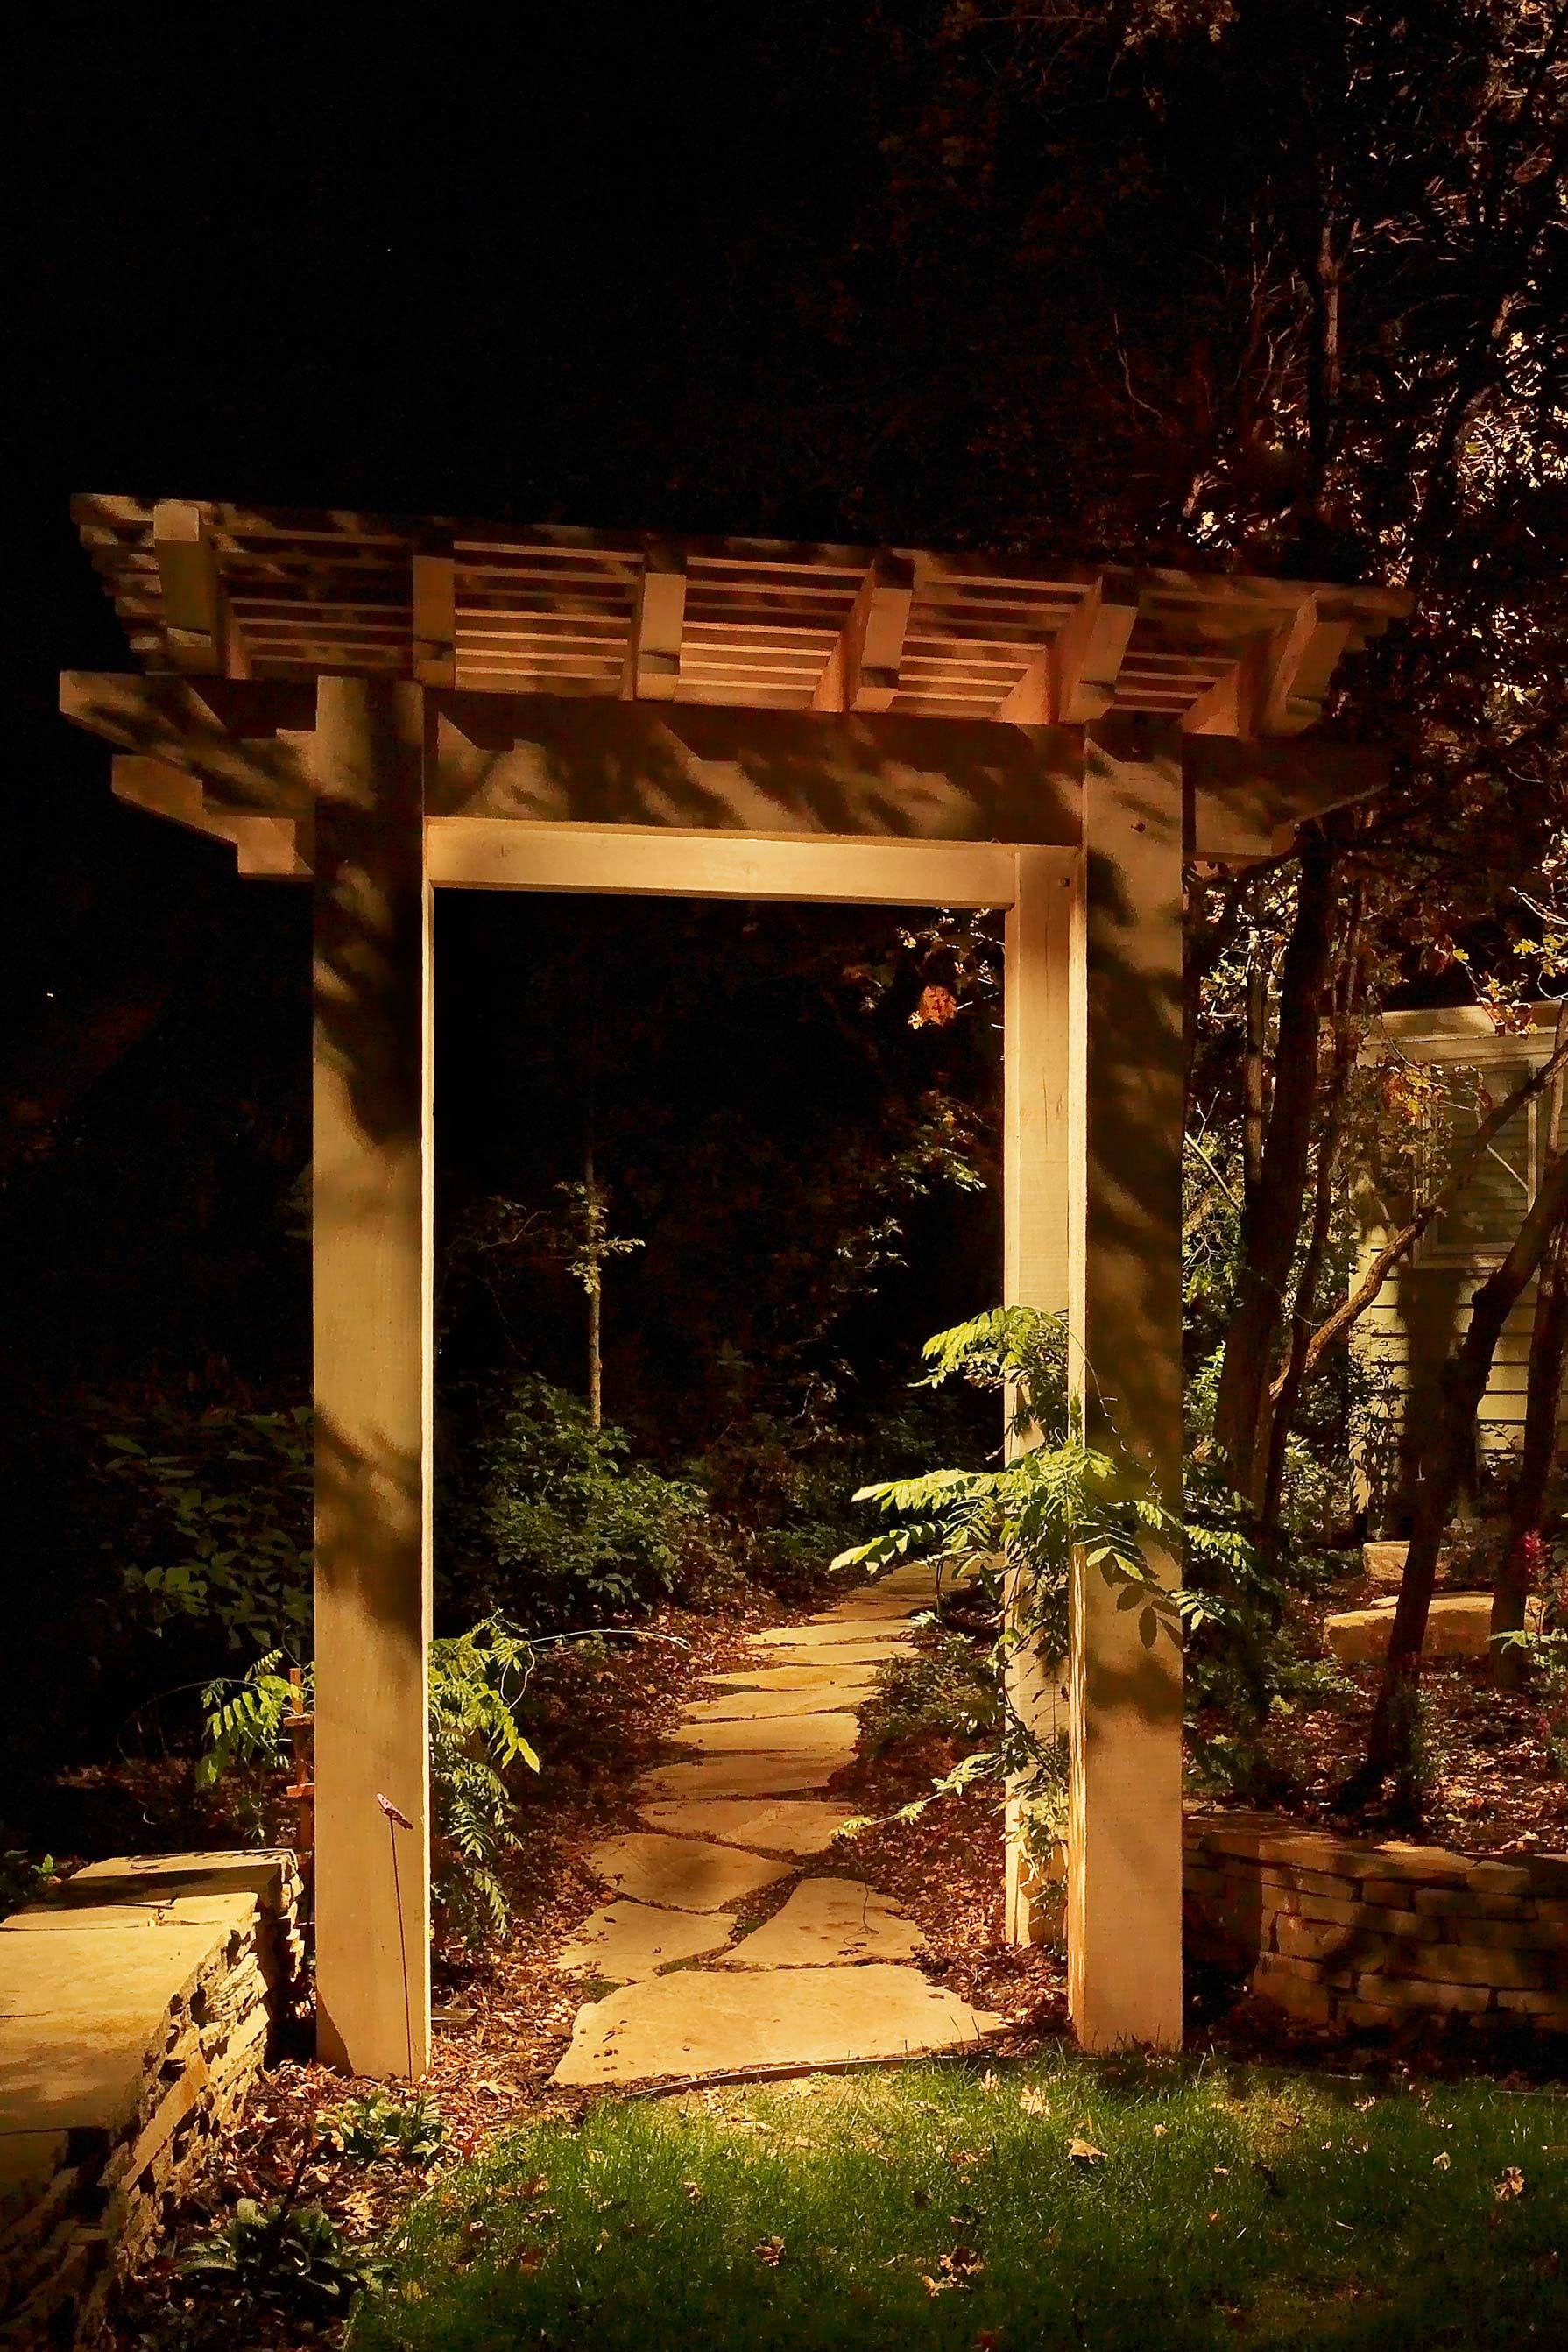 Patio Pergola Deck Lighting Idea Picture Decorative Pergola Lighting Ideas